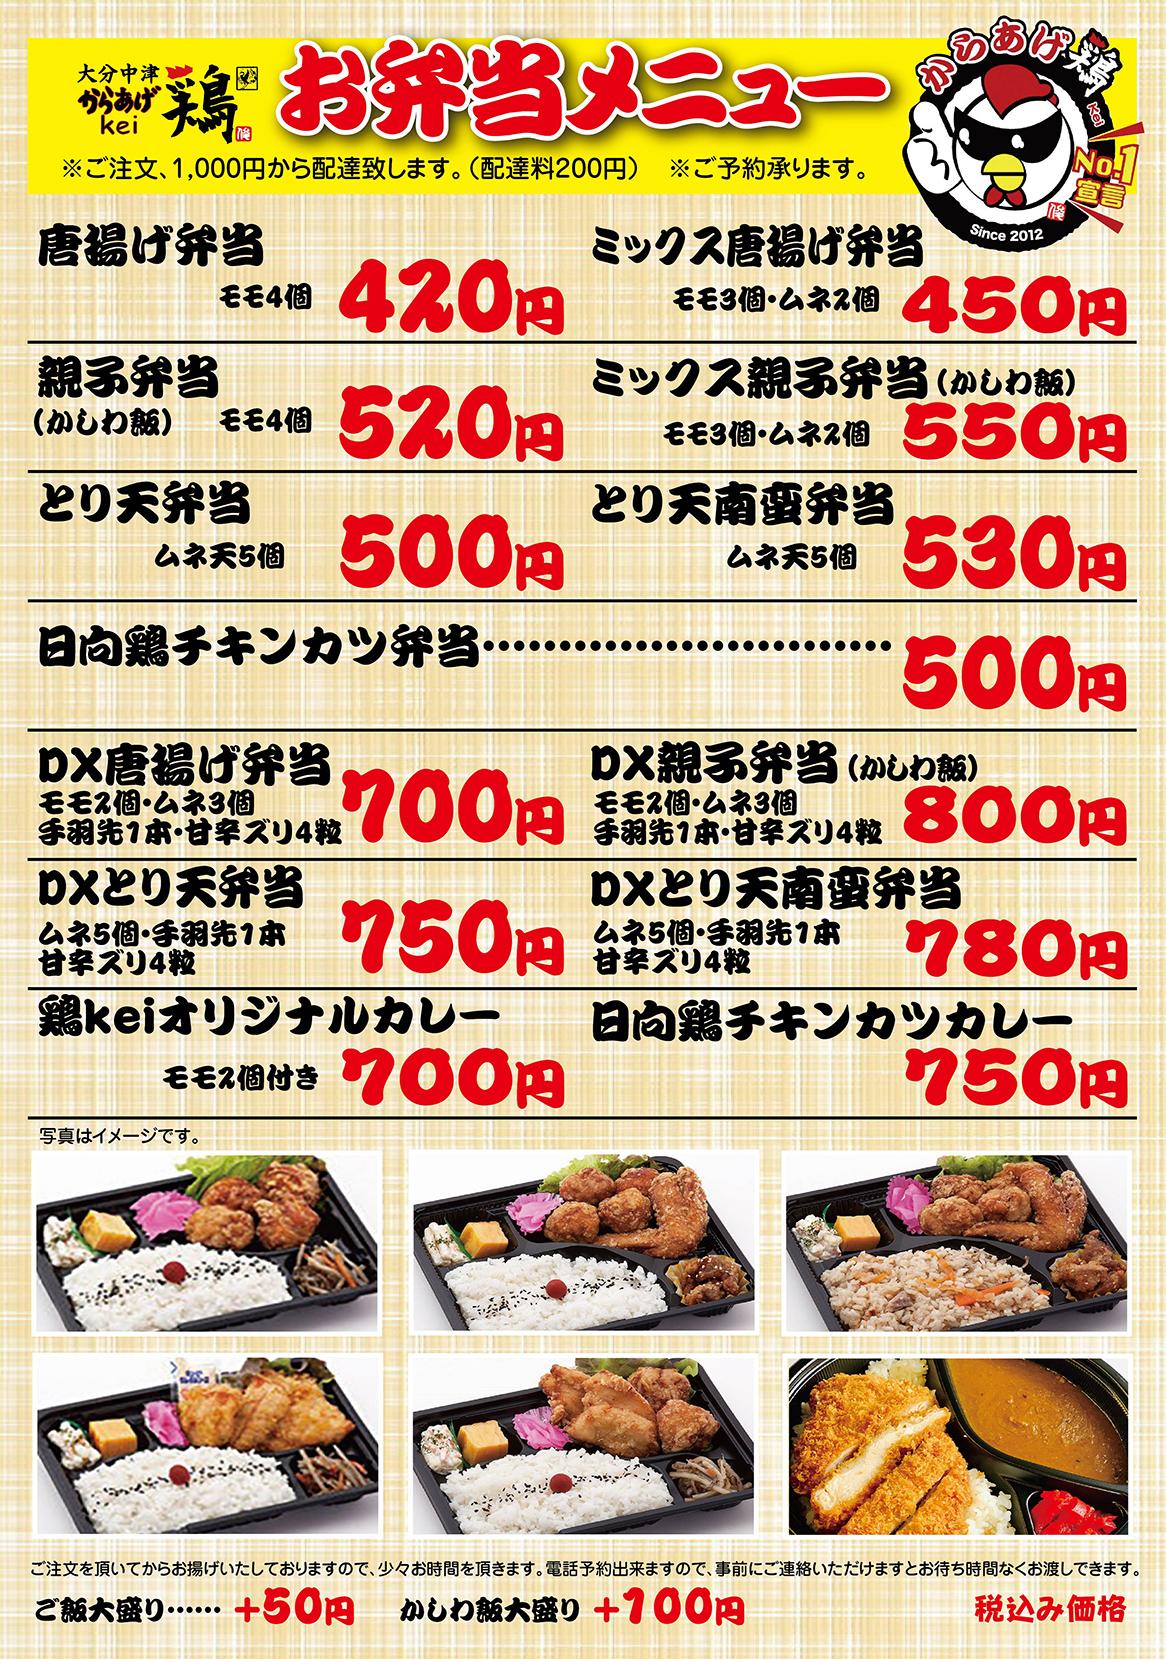 からあげ鶏kei 月隈店メニュー表